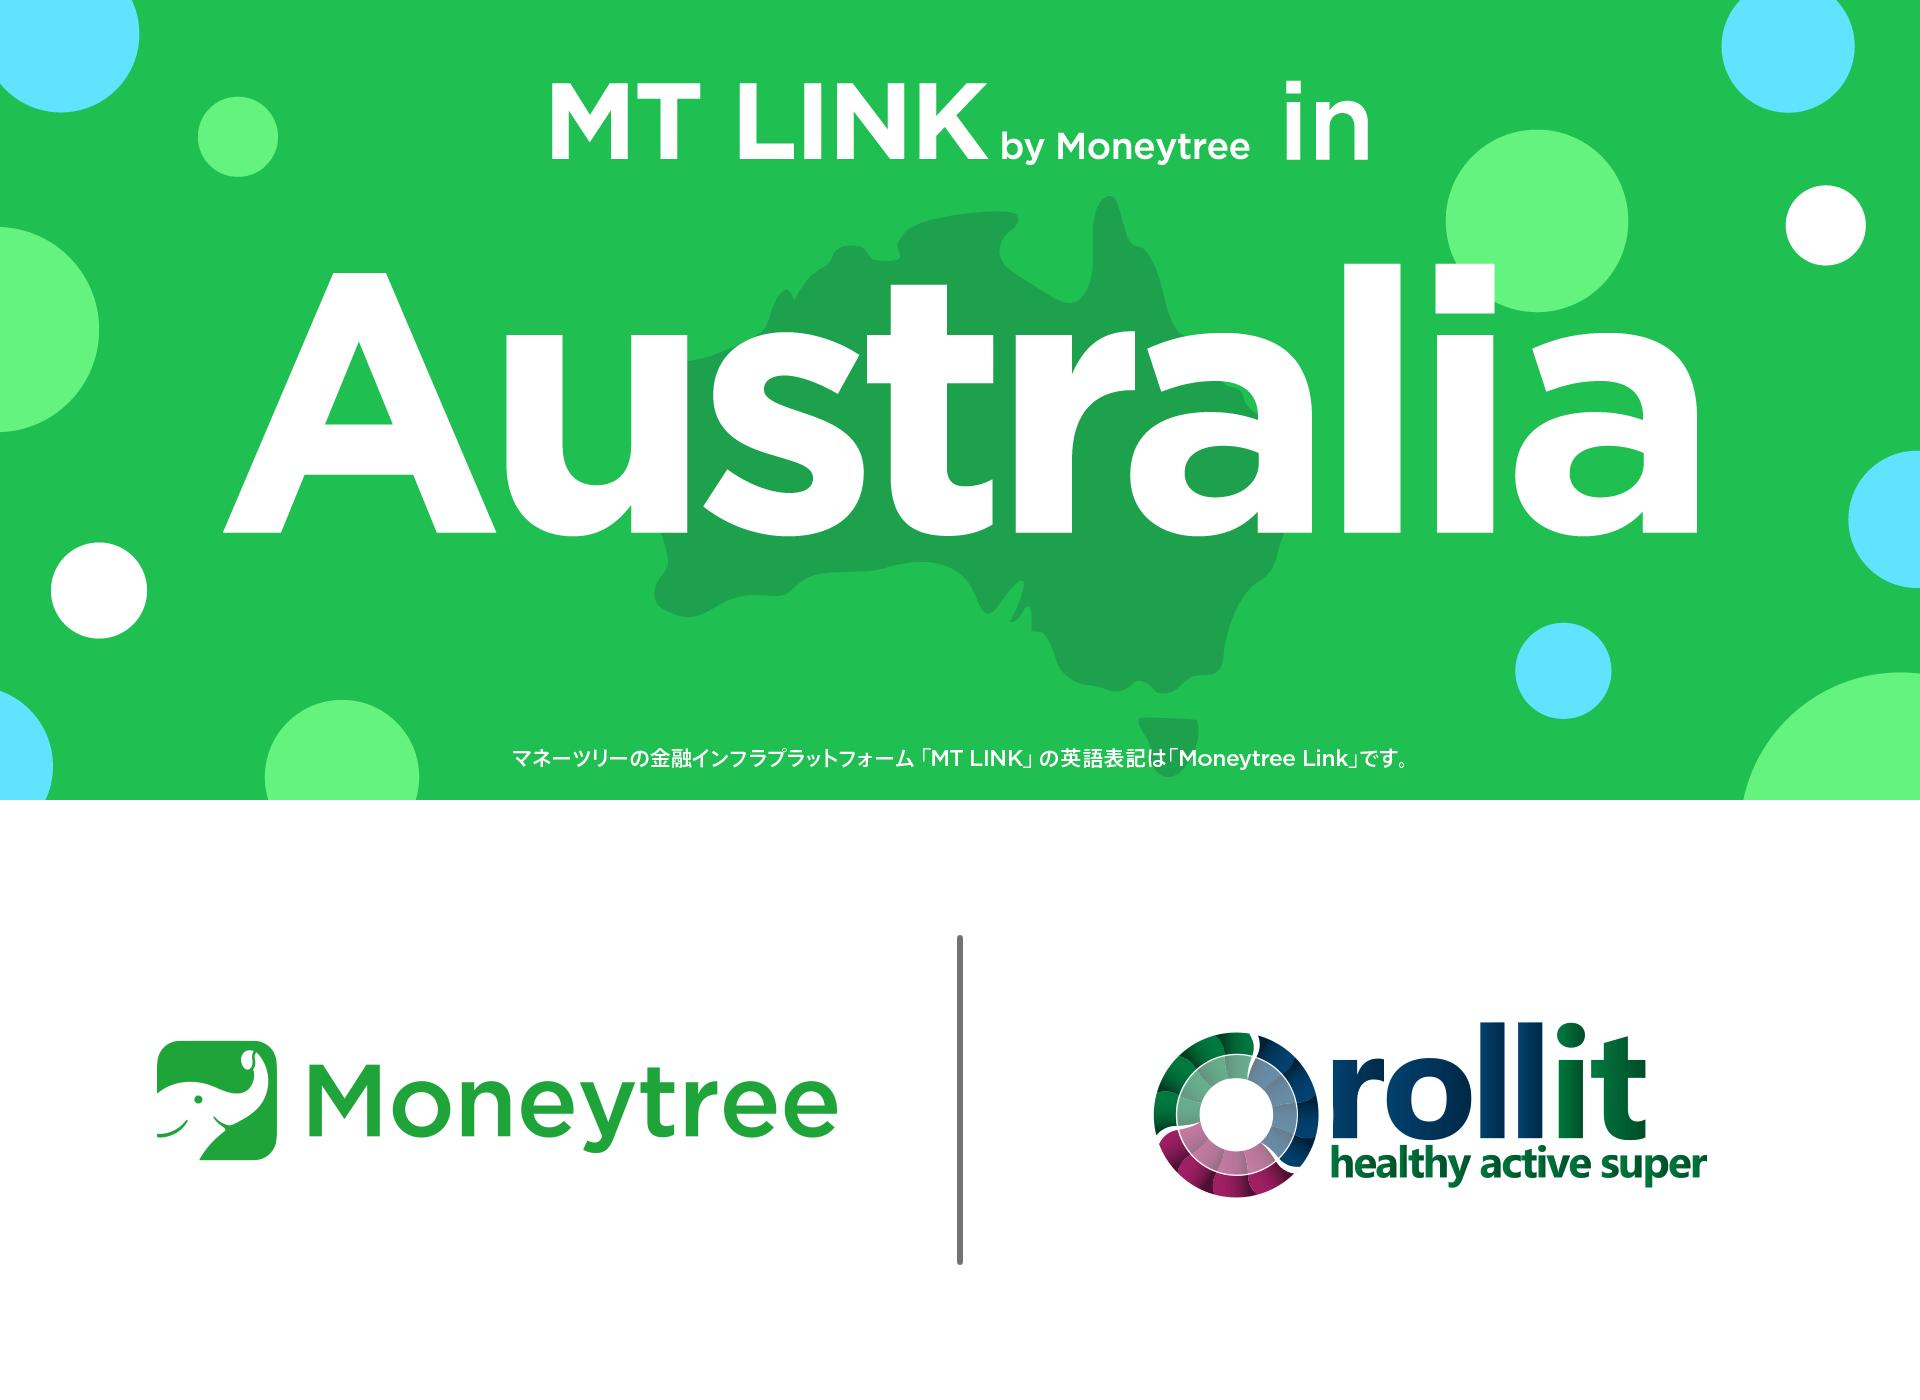 マネーツリー、Roll-it Superとの連携によりオーストラリアで 金融インフラサービス「MT LINK」の提供を開始